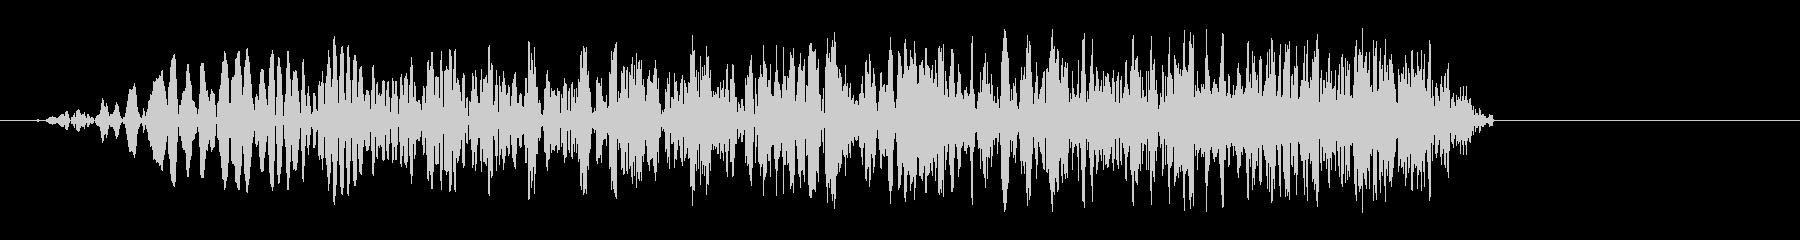 シュシュー↑(素早く移動する時の音)の未再生の波形